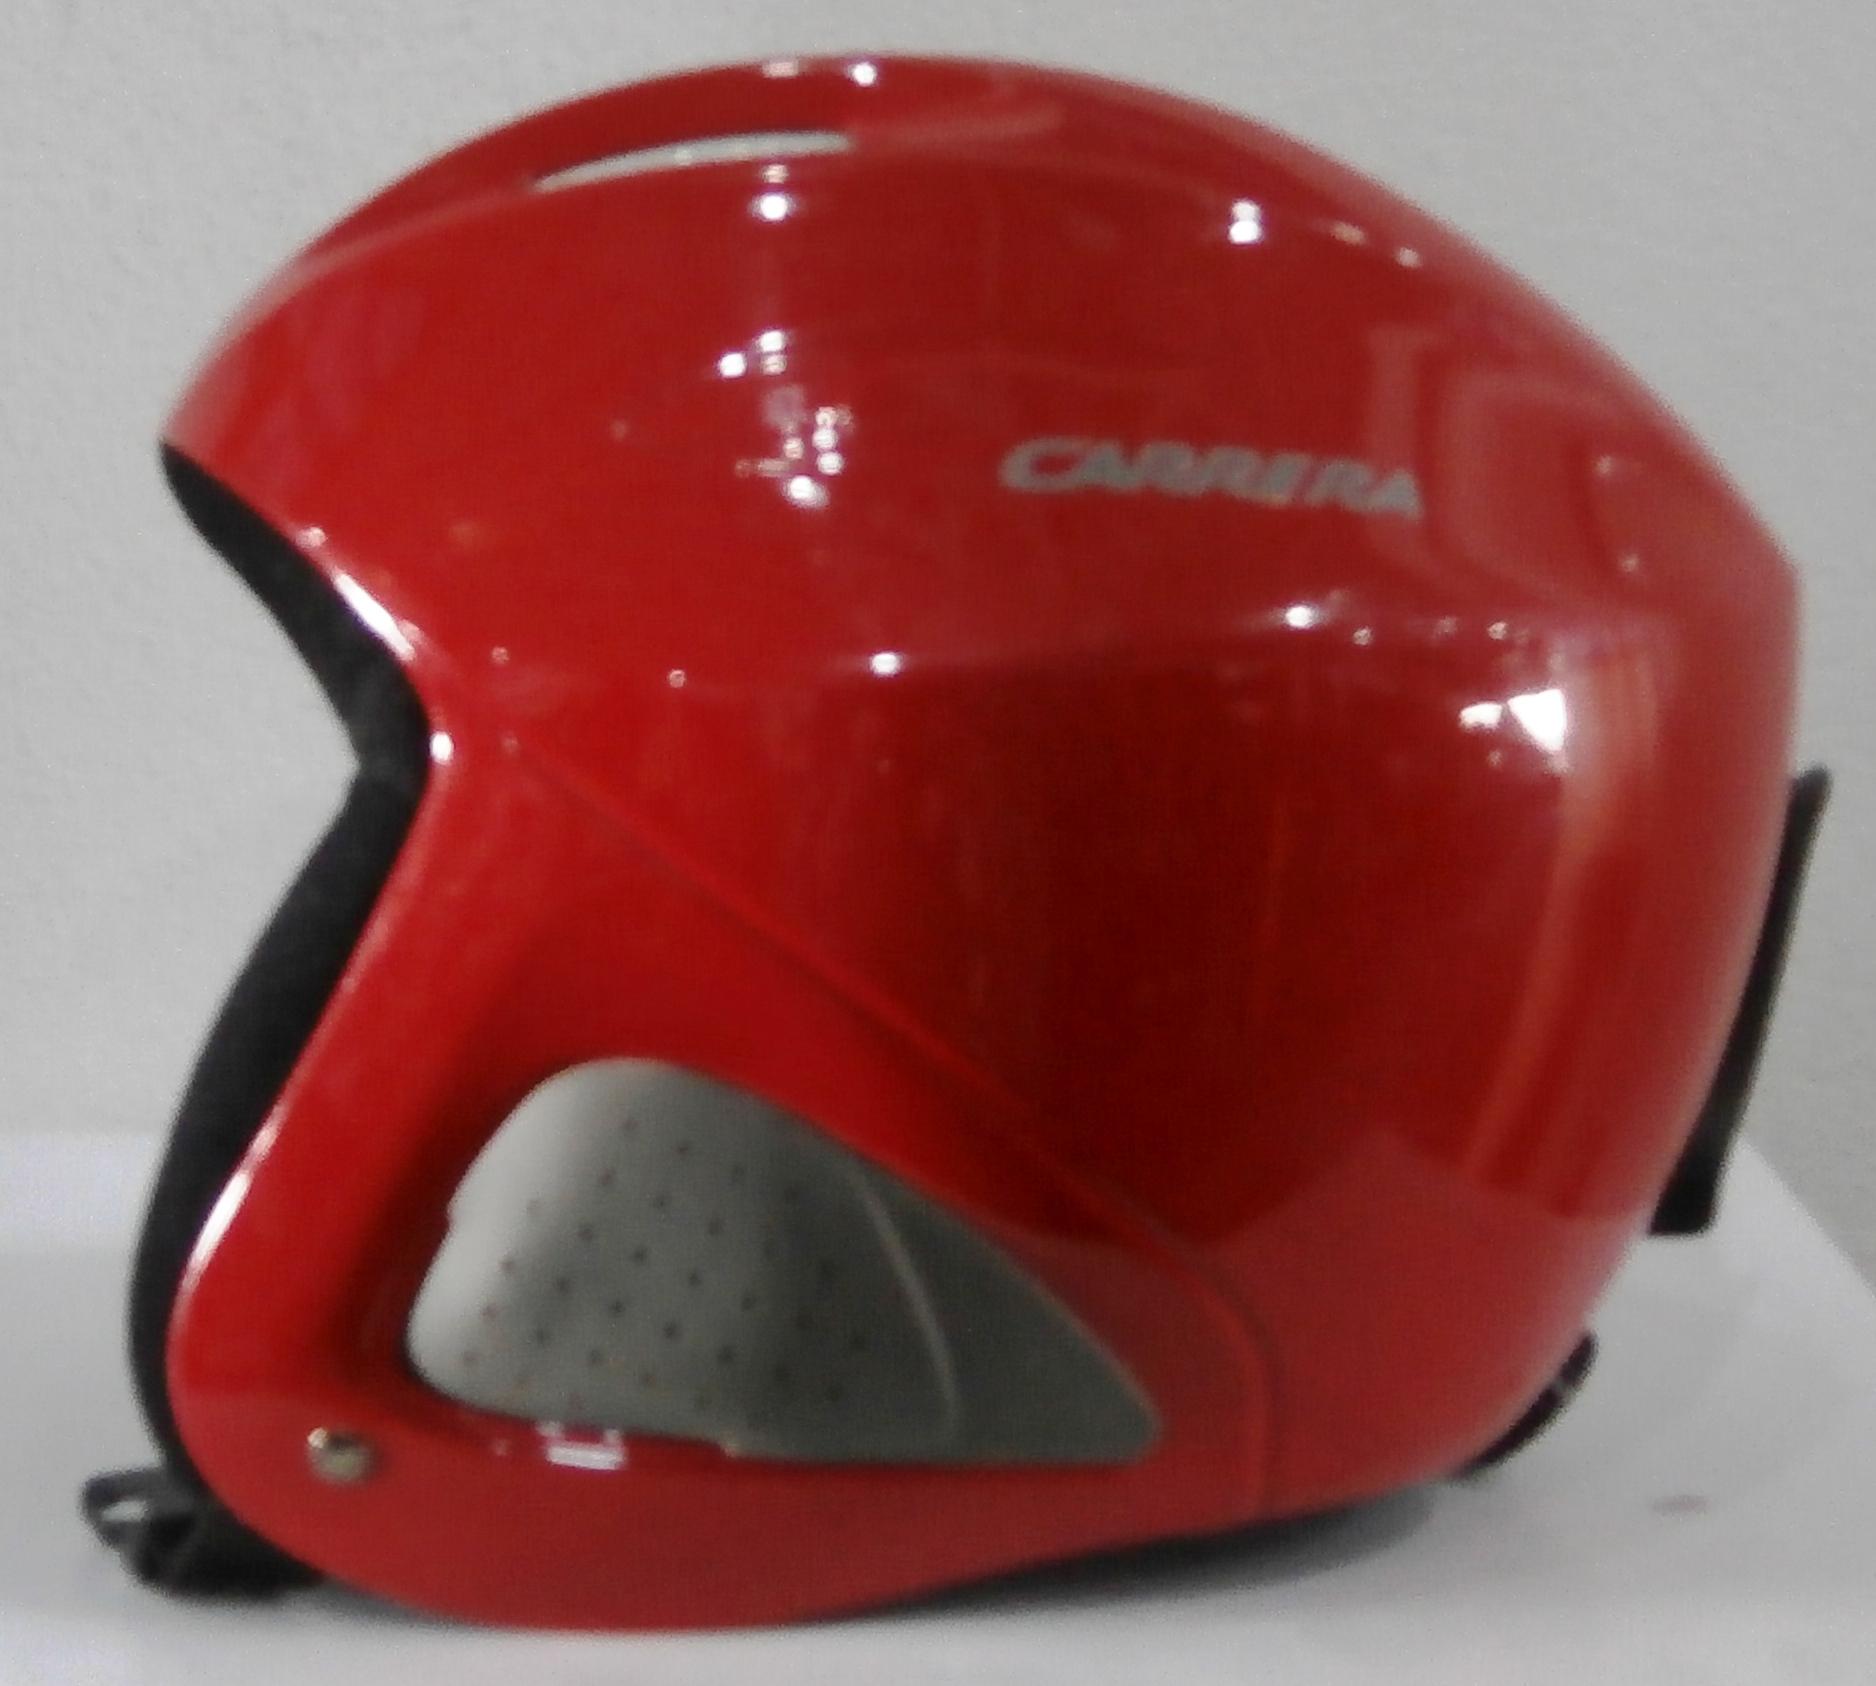 jazdená detská prilba Carrera Red 53 54 bf6f5d5f3c5